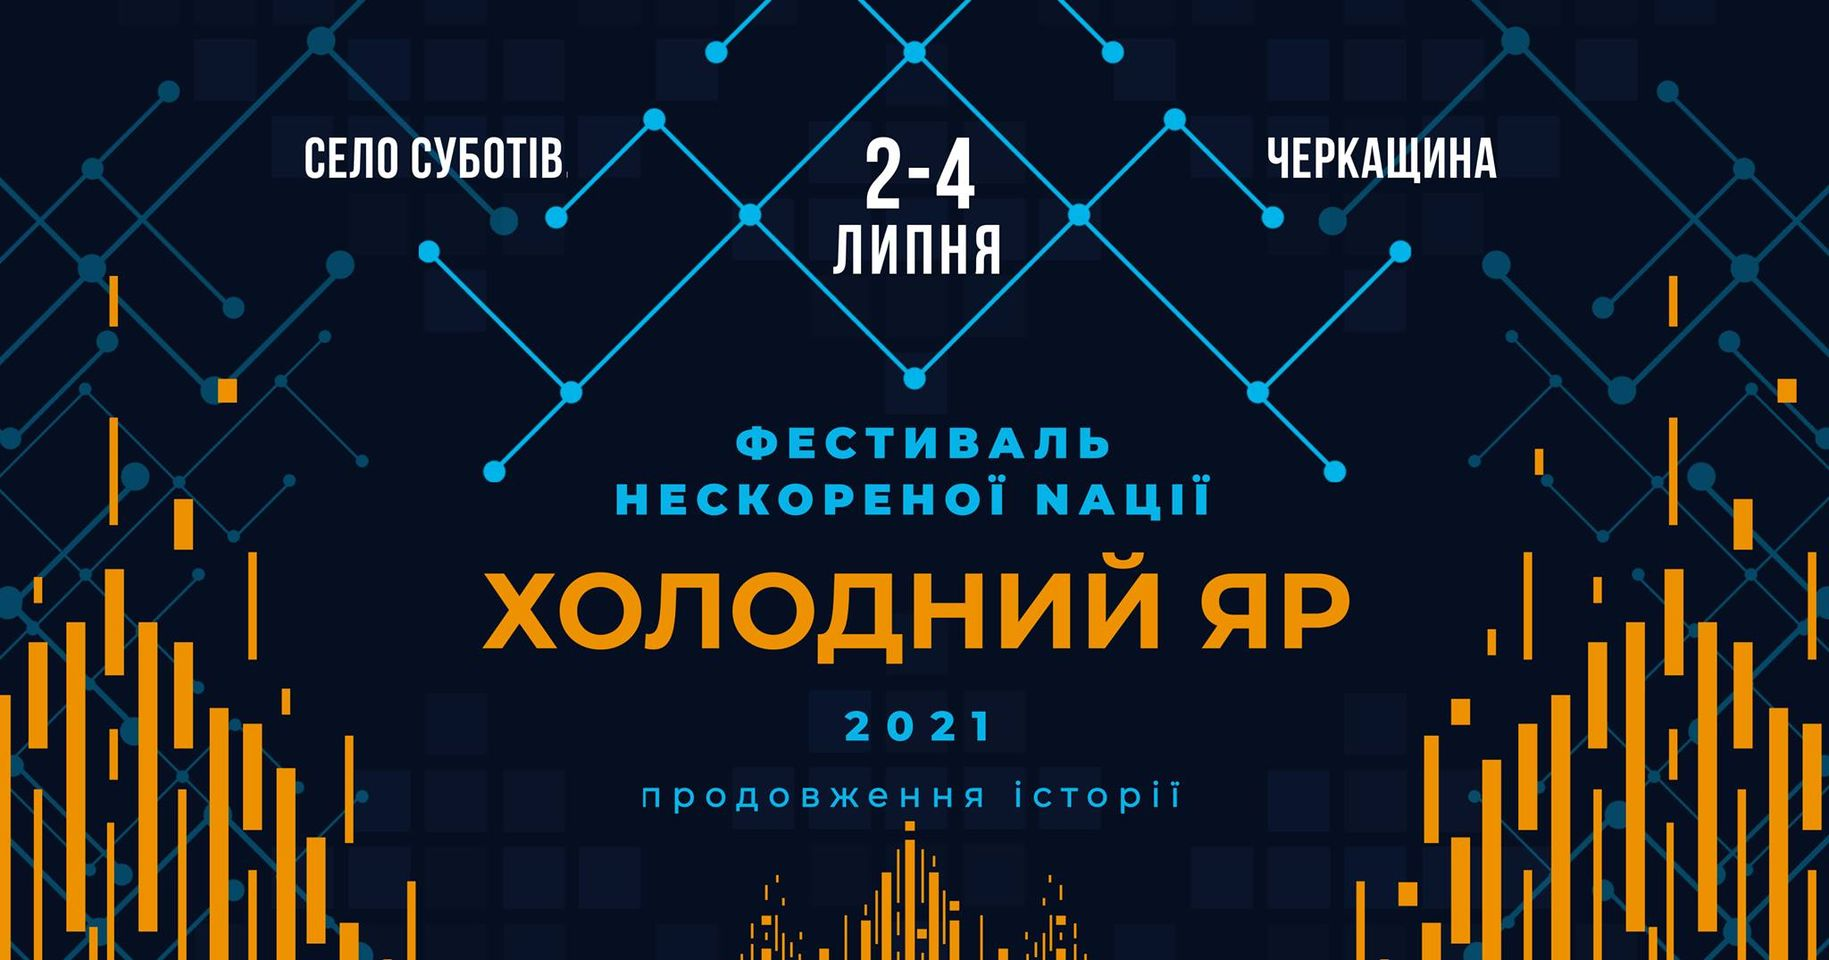 Улітку на Черкащині відбудеться Фестиваль нескореної Naції «Холодний Яр»